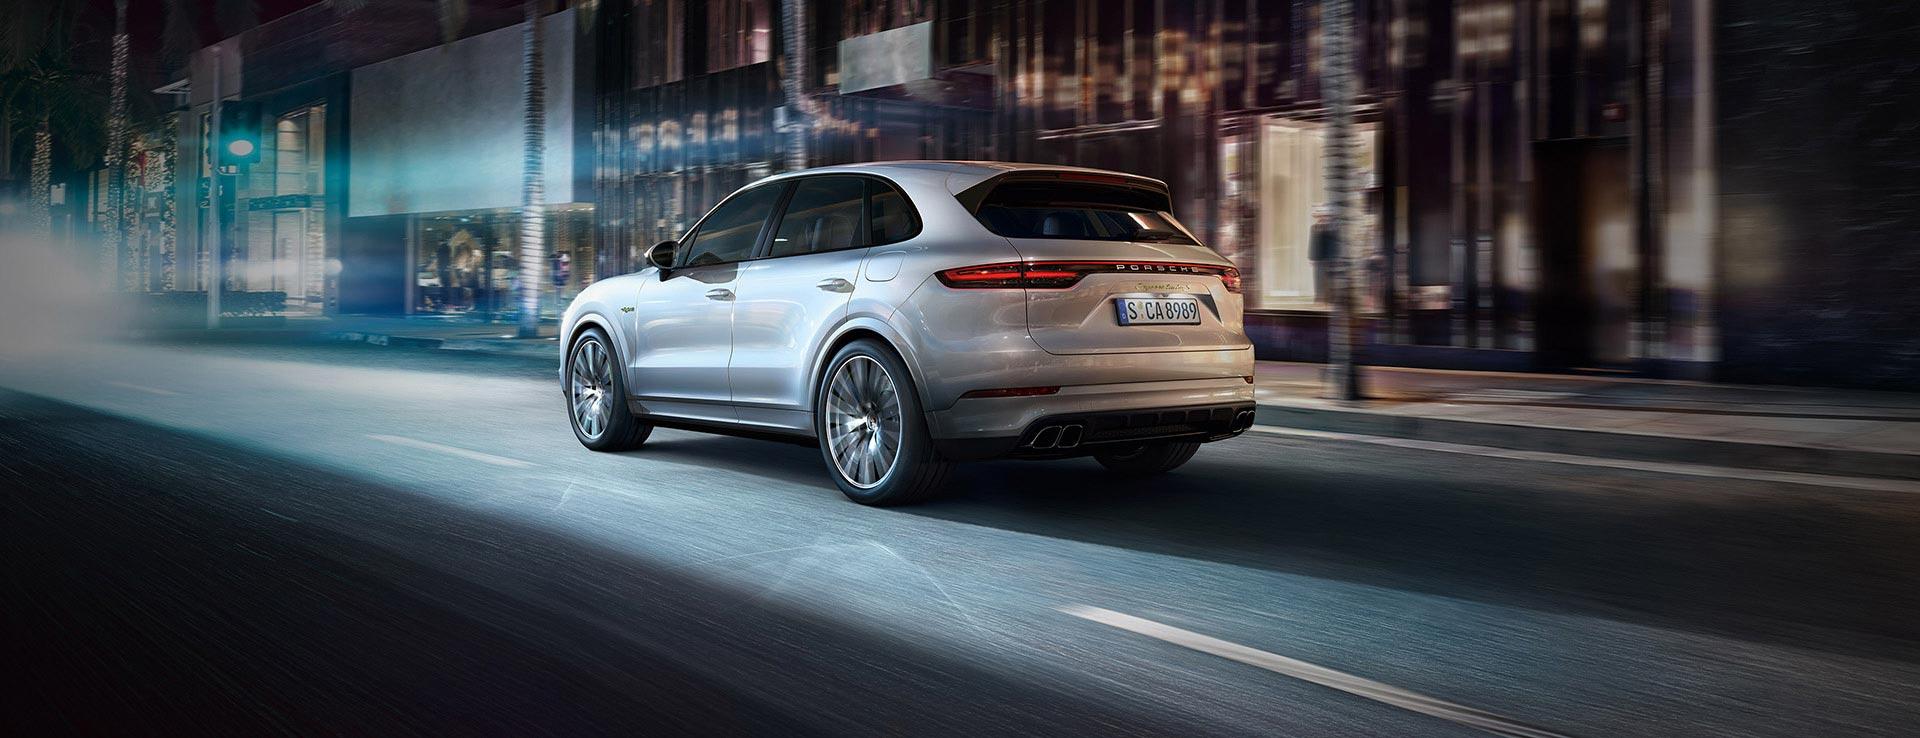 Porsche Türkiye - Sportif Araç Deneyimi tout Salon De Jardin D Occasion